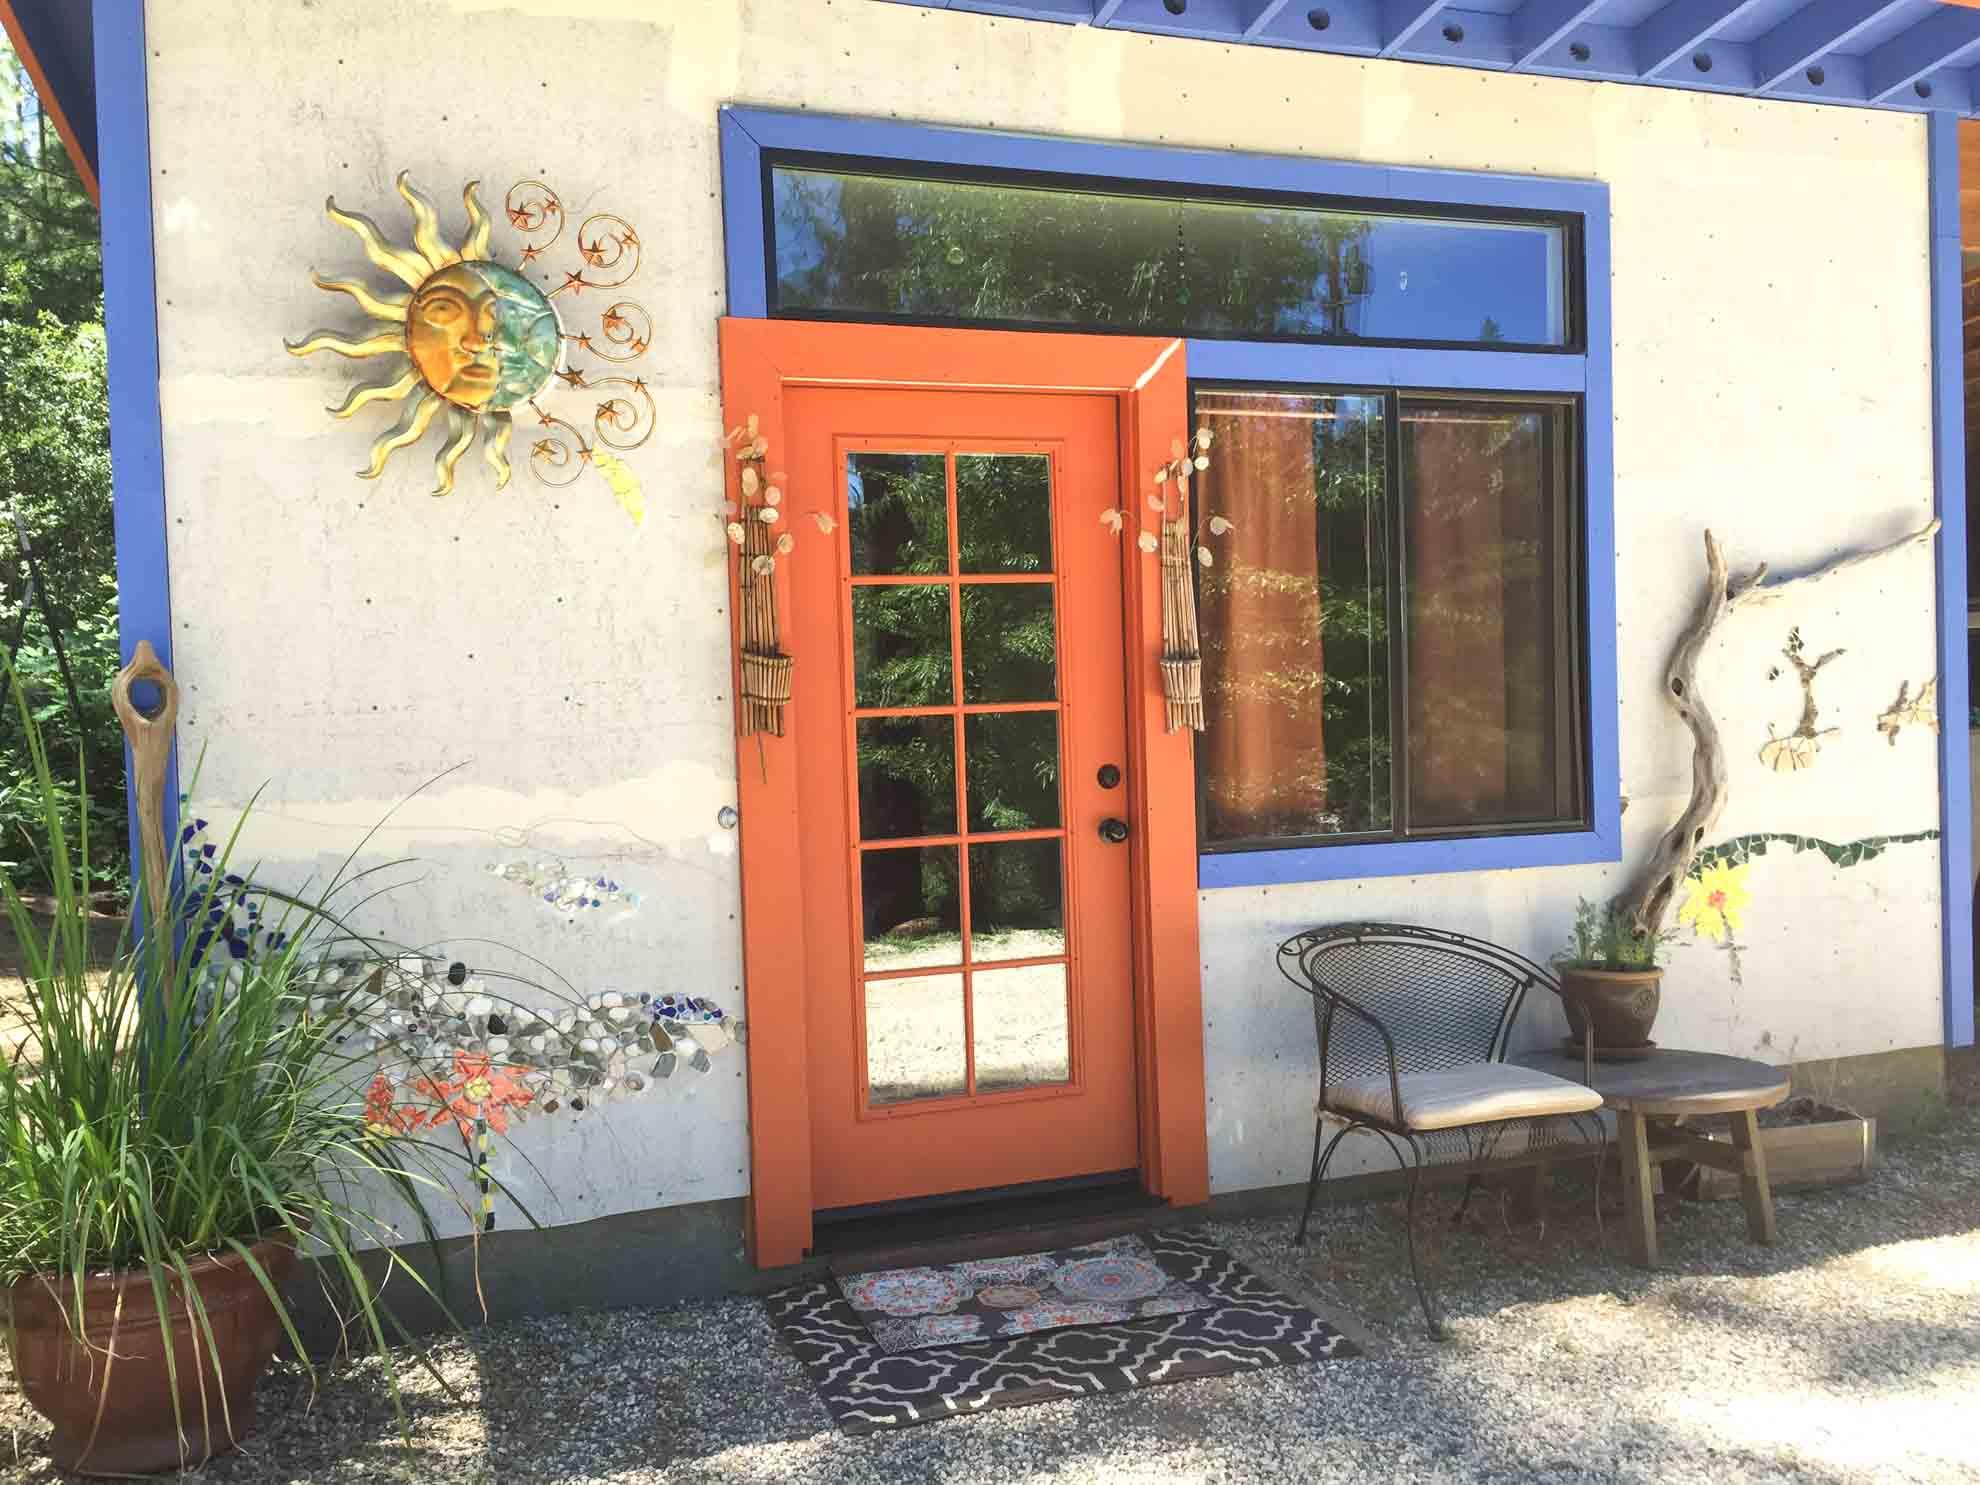 Spirit Winds Massage Studio and Spa